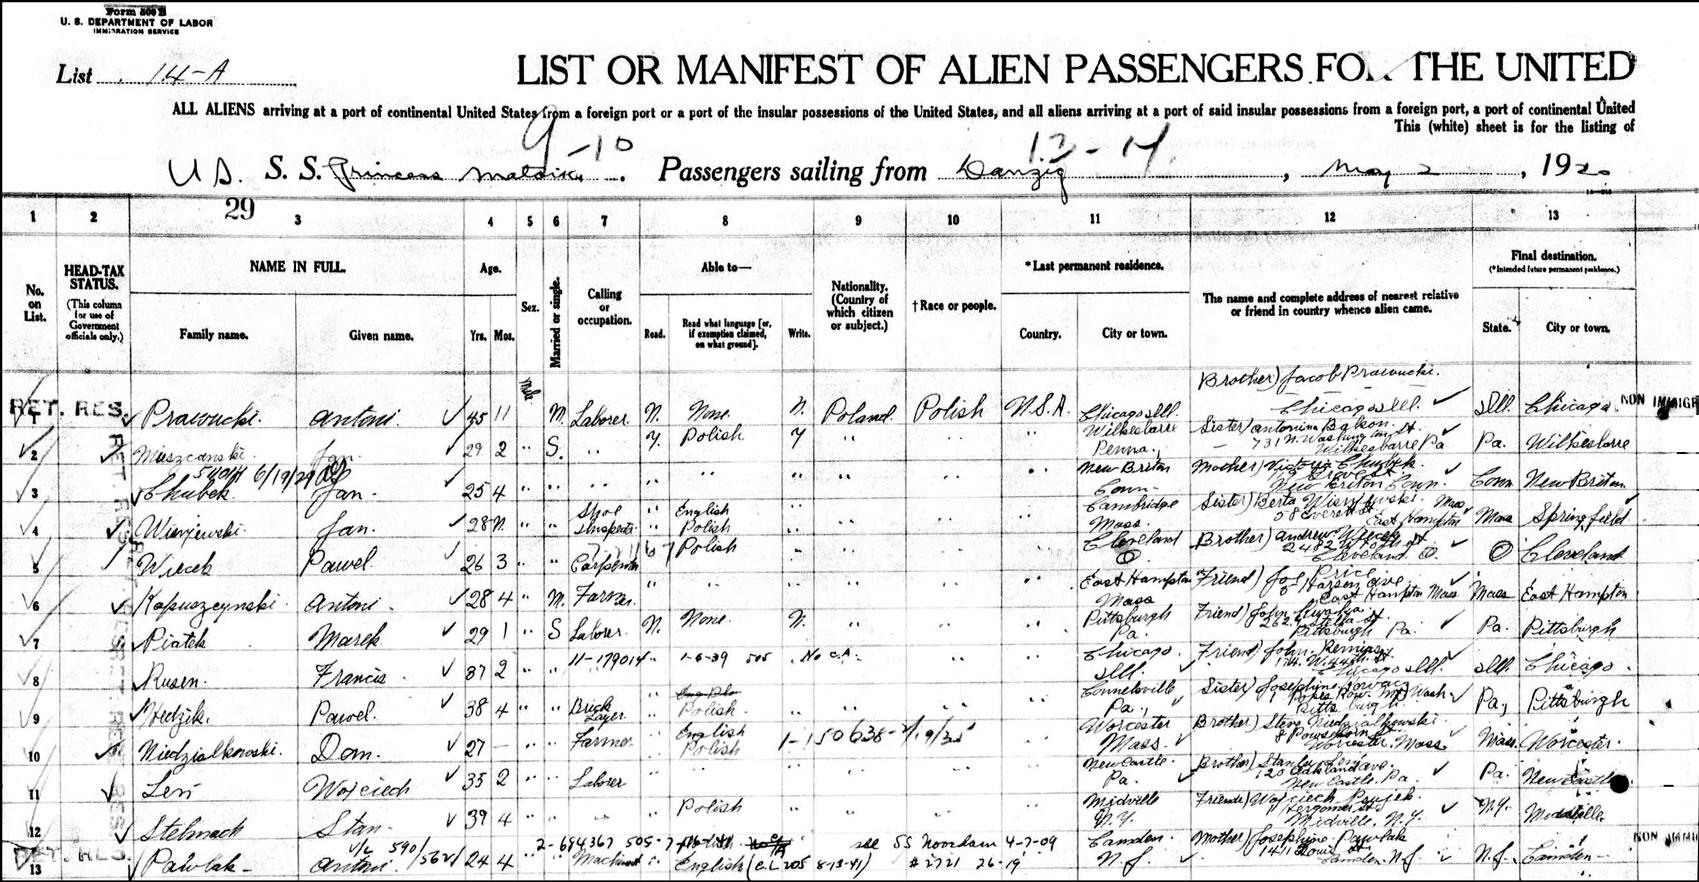 Alien Passenger Manifest for Dam Niedzialkowski - 1920 - Page 1